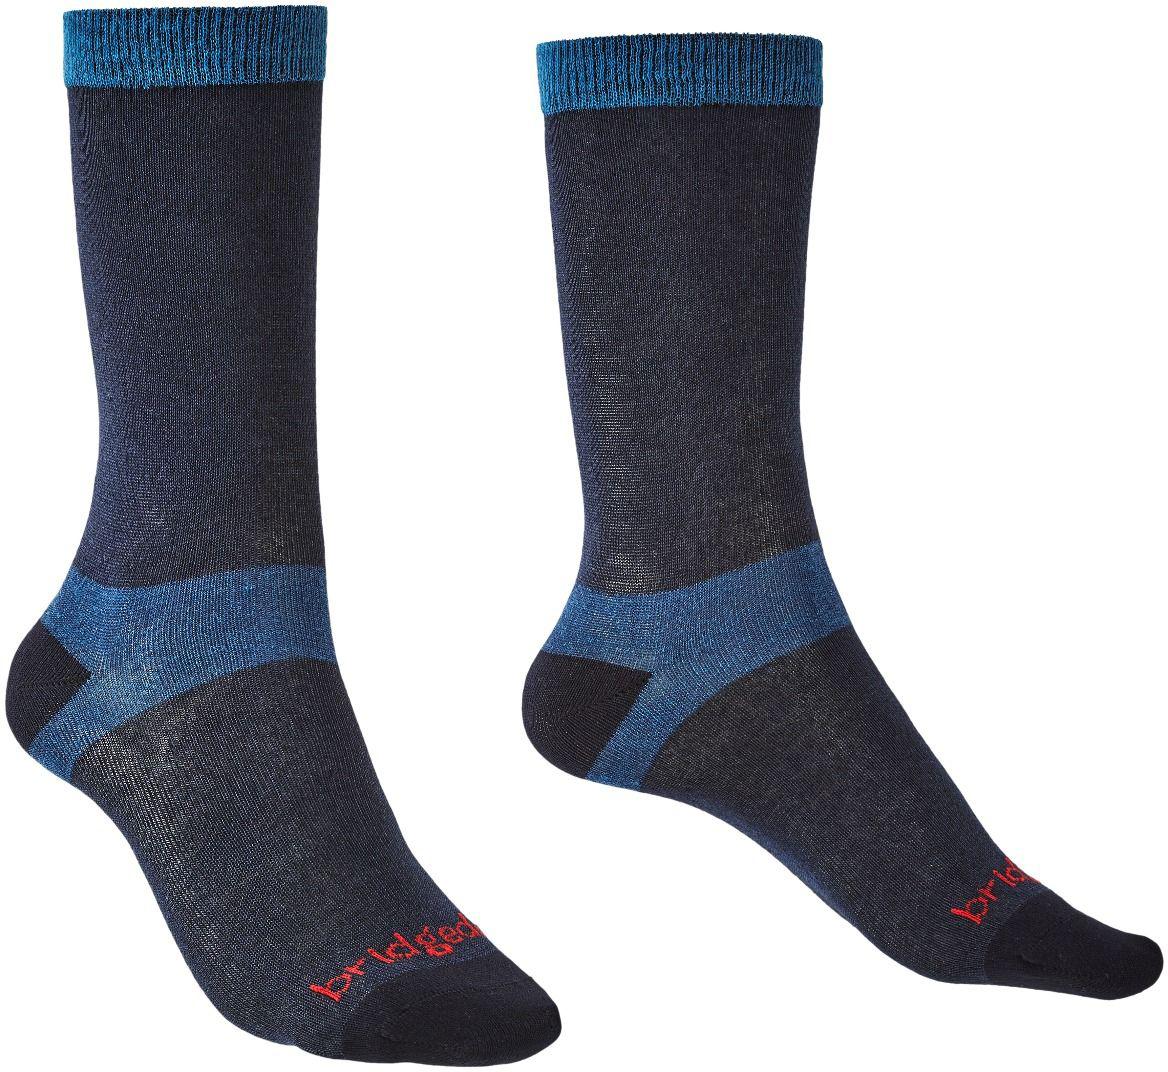 Bridgedale Coolmax Walking Liner Socks Mens 2 Pair Pack Grey